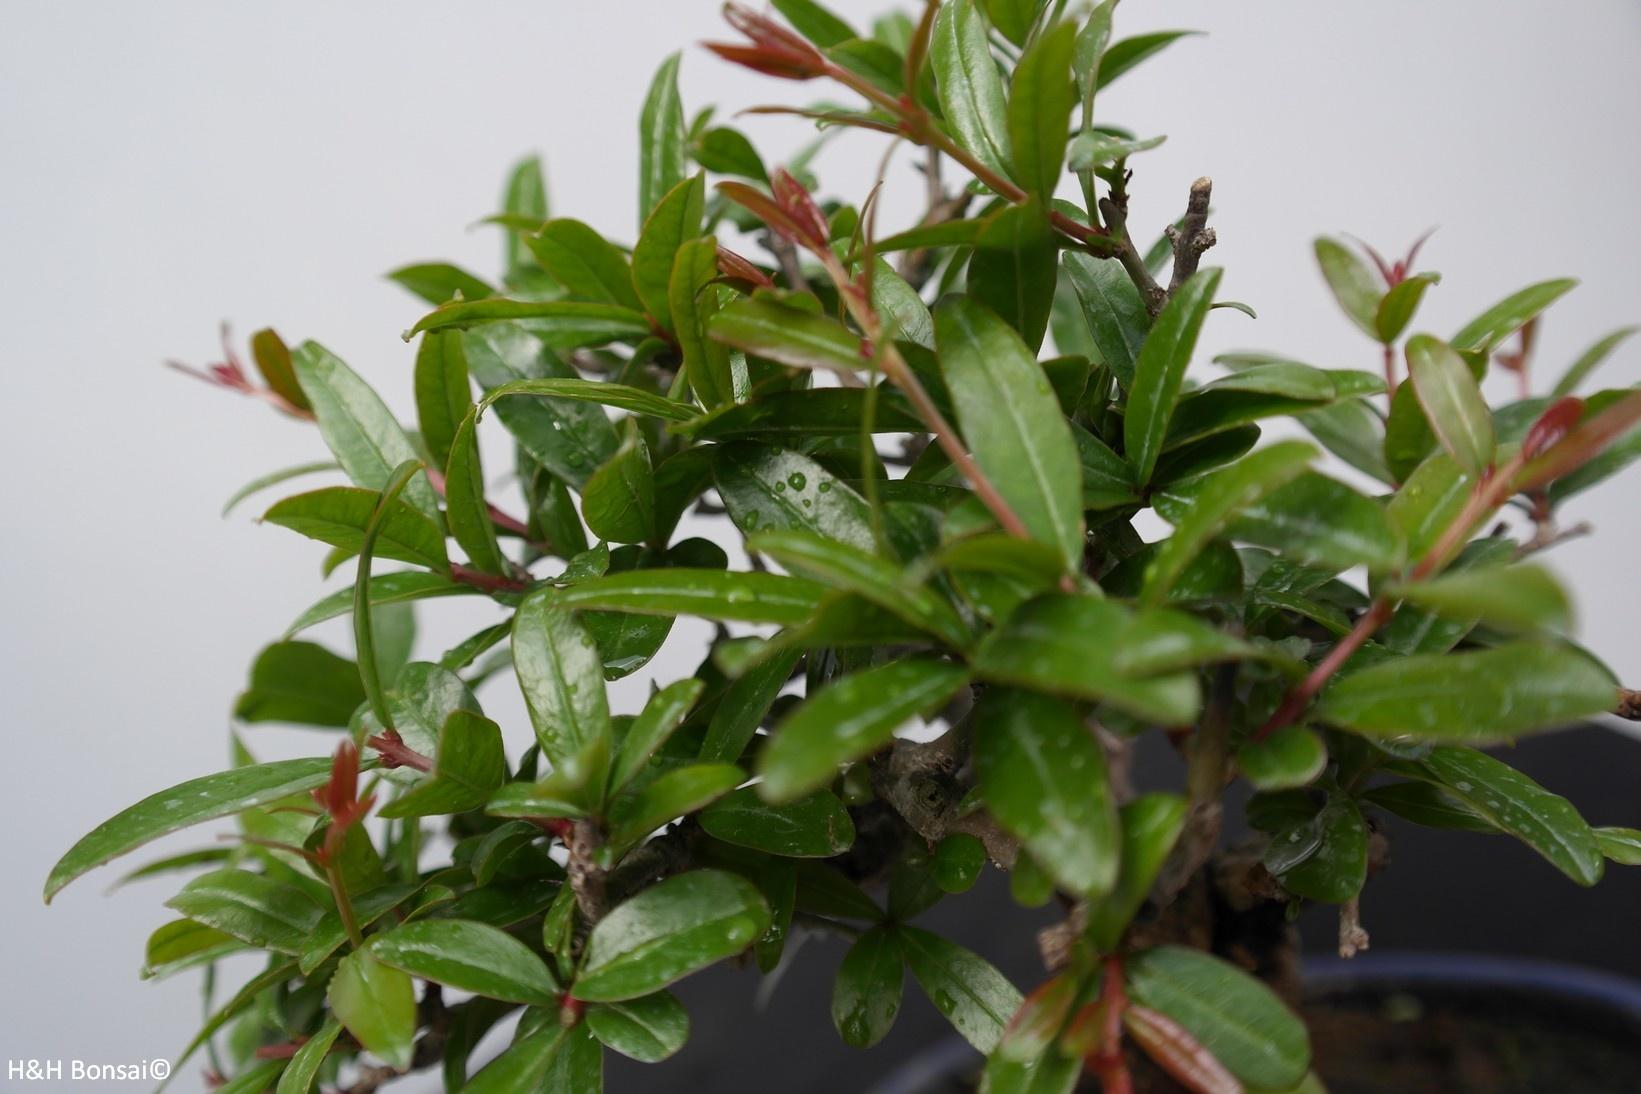 Bonsai Shohin Pomegranate, Punica granatum, no. 7770